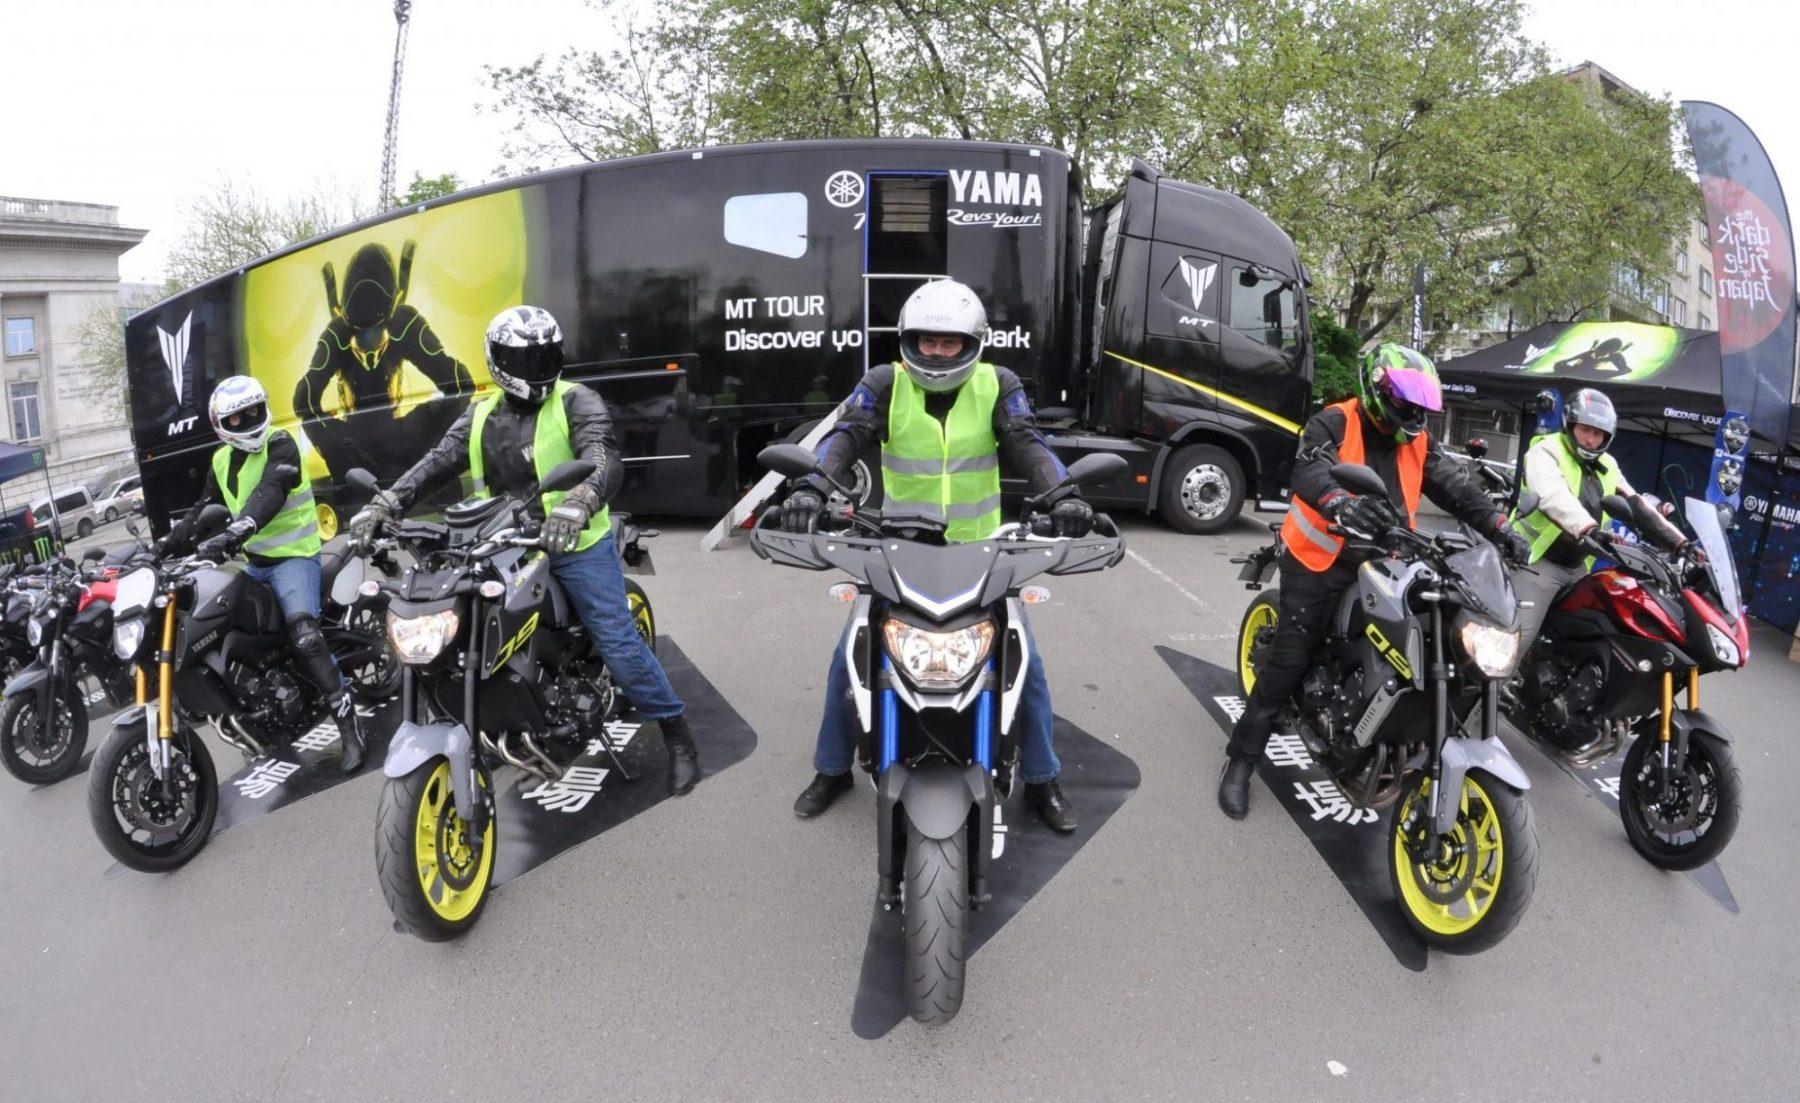 Yamaha MT TOUR се завръща в София – запишете се за тест райд